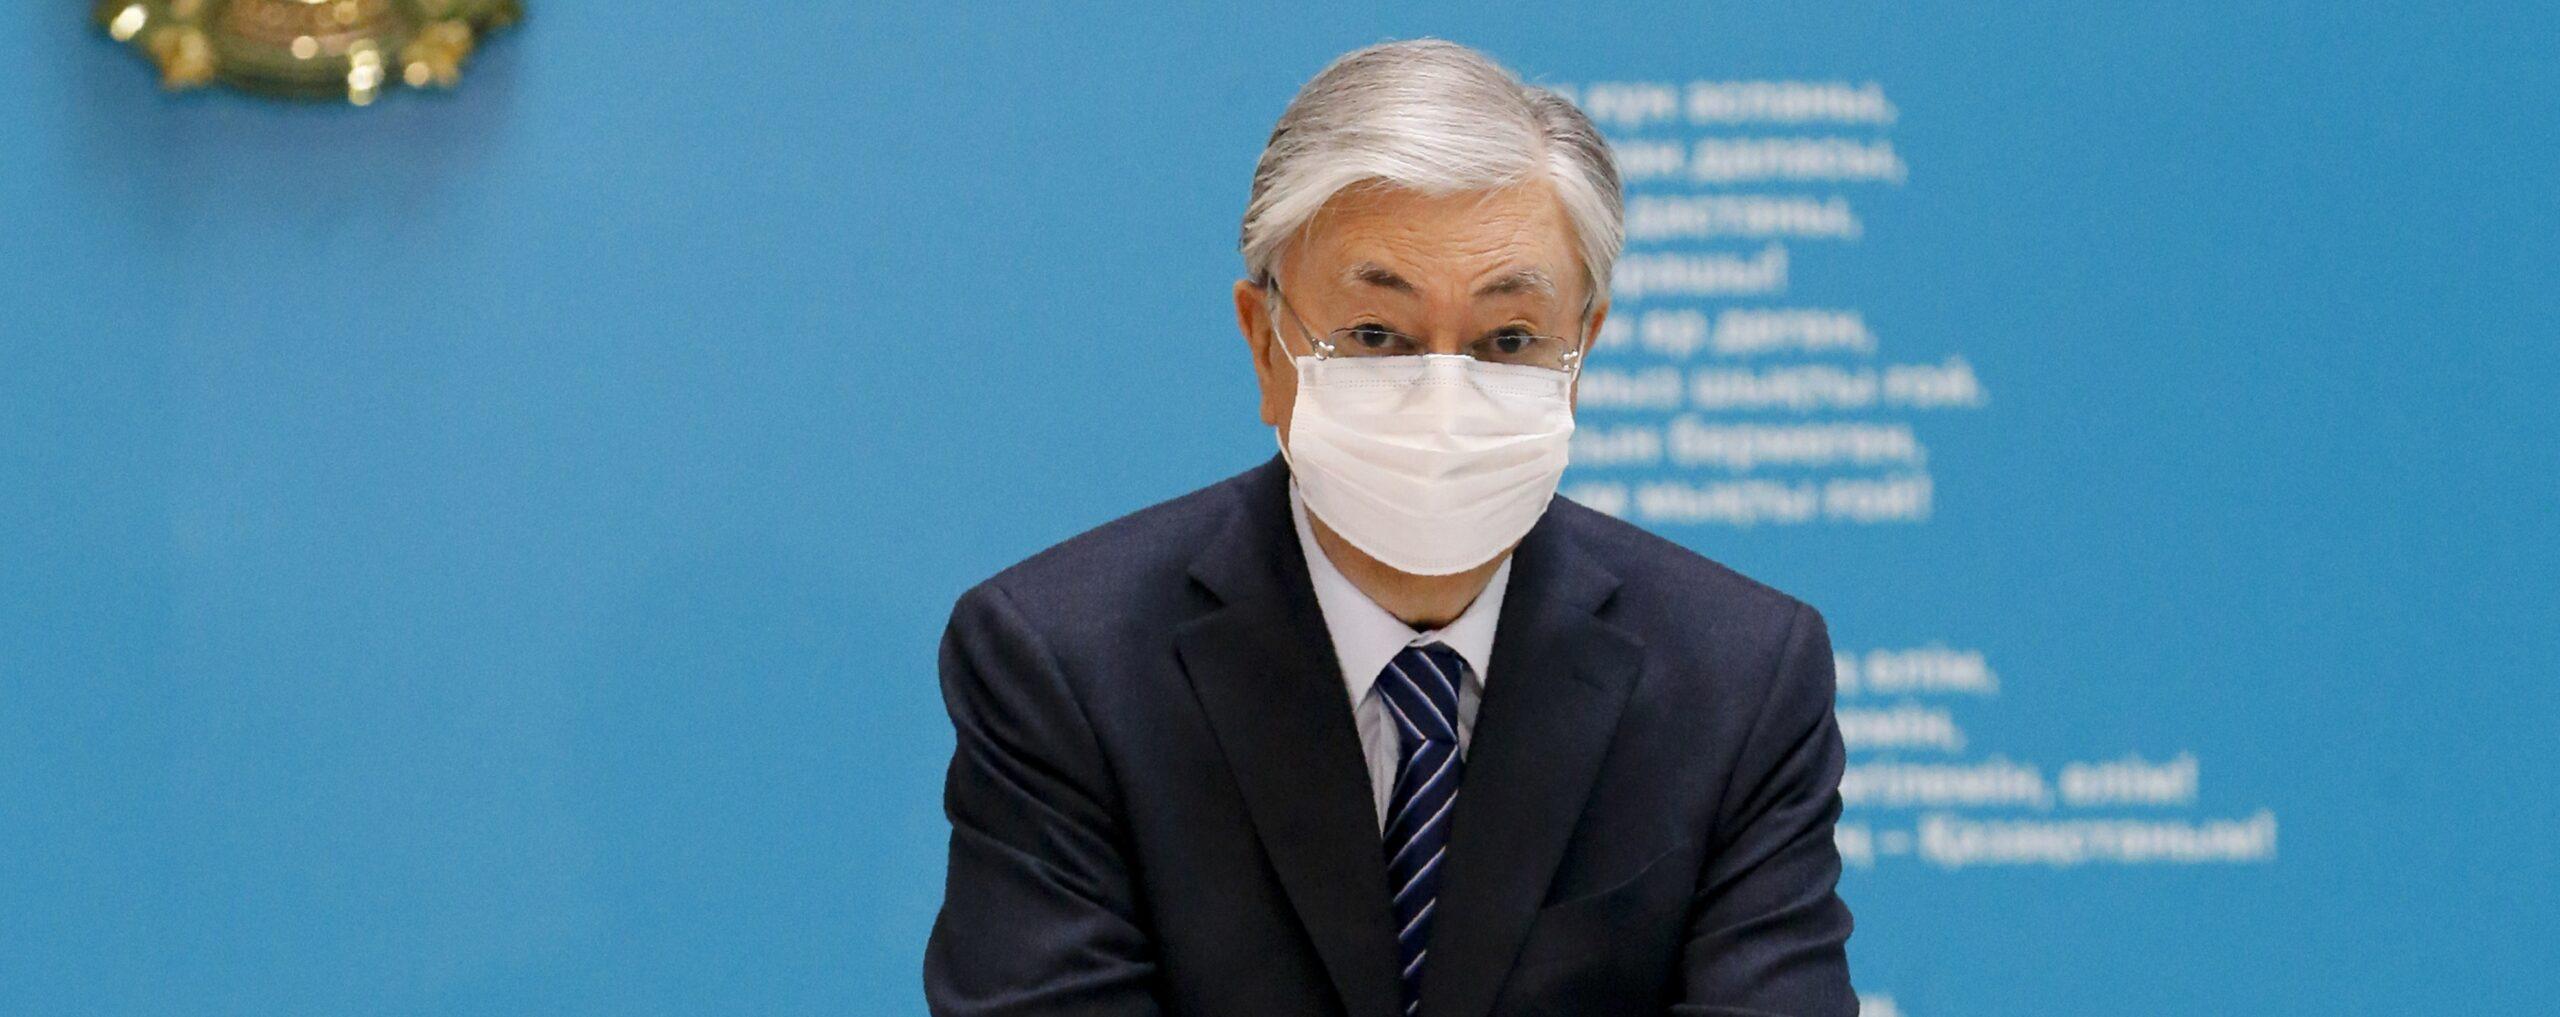 Stabilità e dinamismo: i segreti dell'economia del Kazakhstan